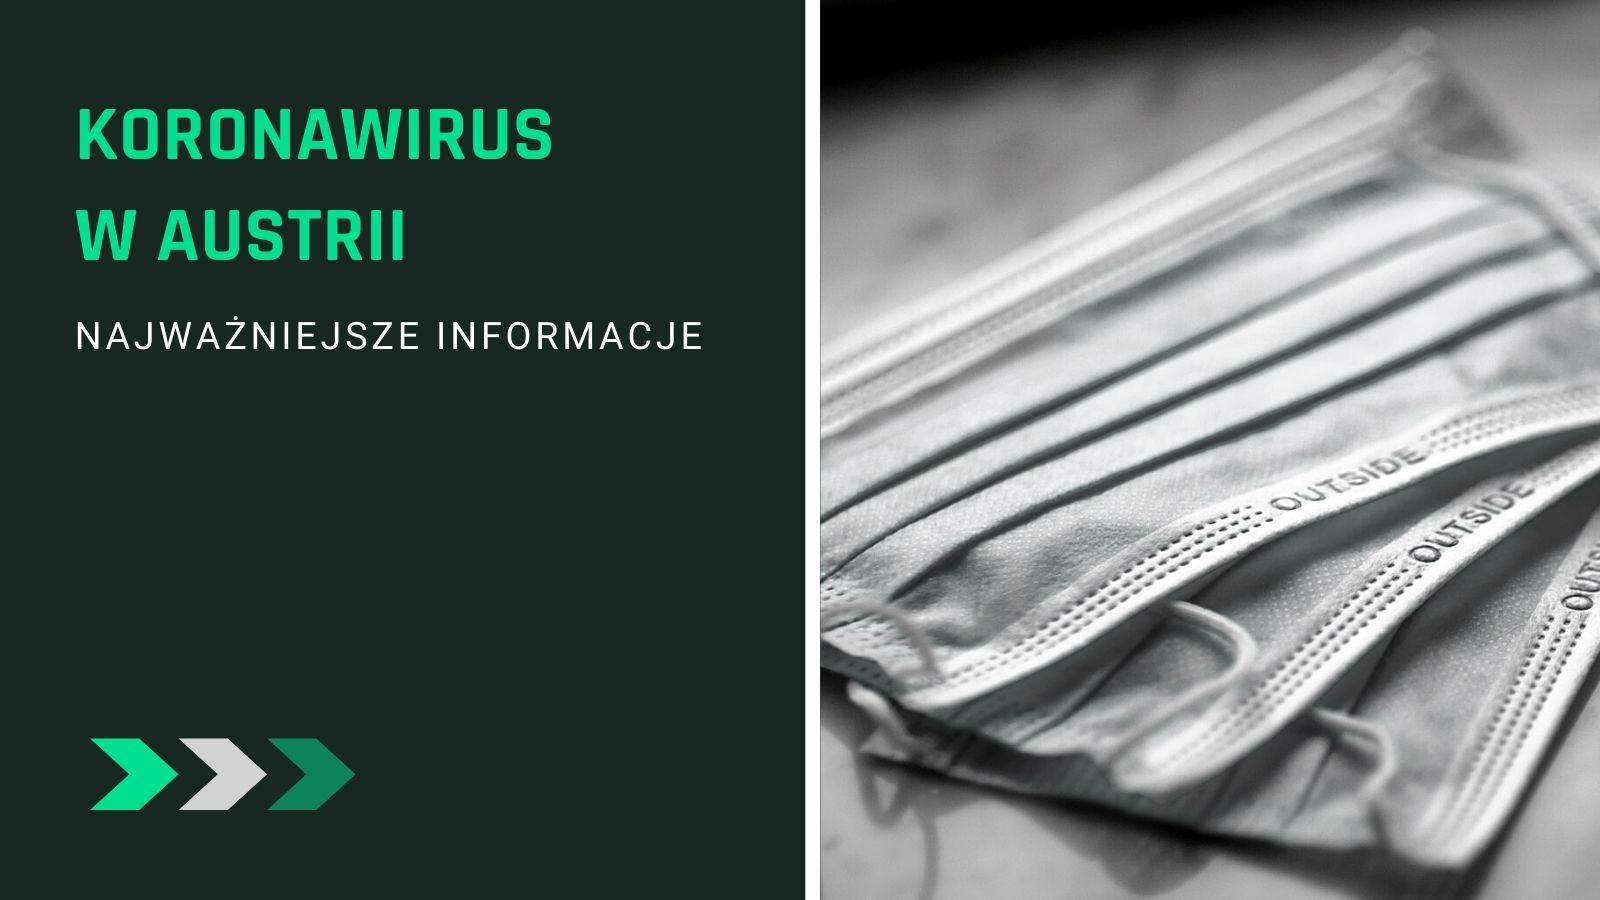 Koronawirus – aktualna sytuacja w Austrii i Tyrolu [wpis aktualizowany na bieżąco]